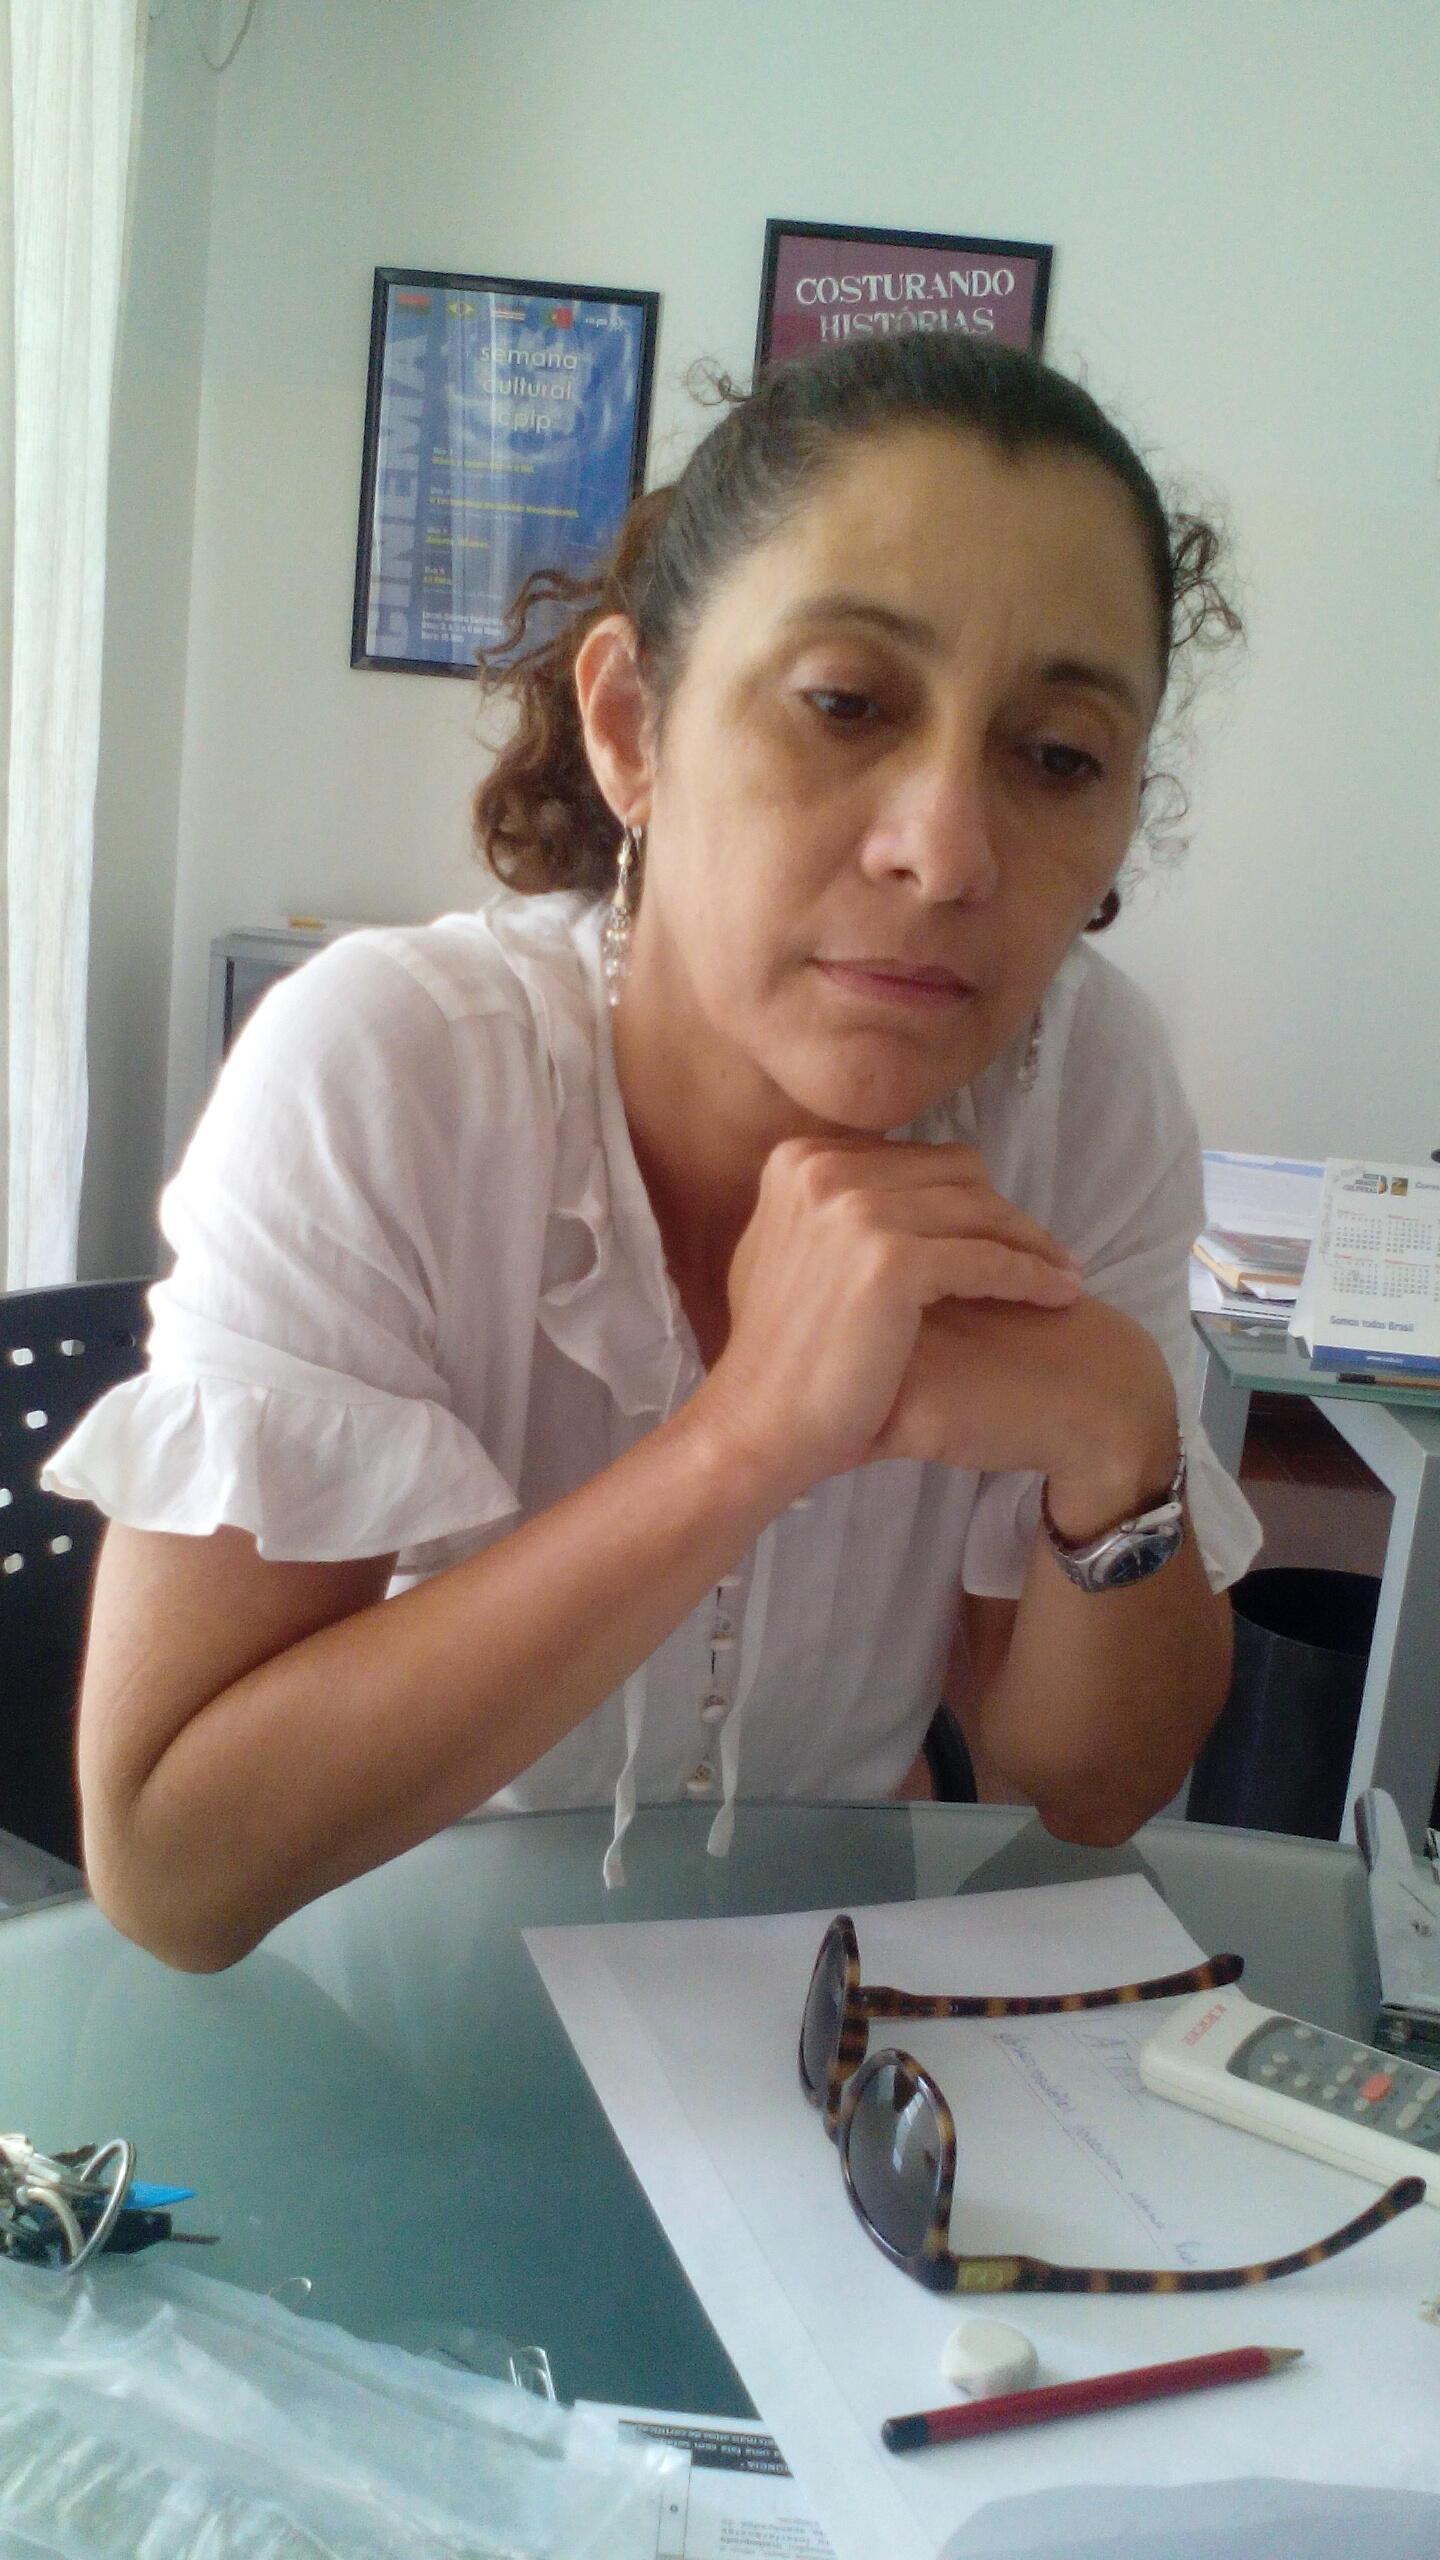 Diretora do centro, Marilene Pereira, afirma que filmes brasileiros fazem sucesso no país africano.